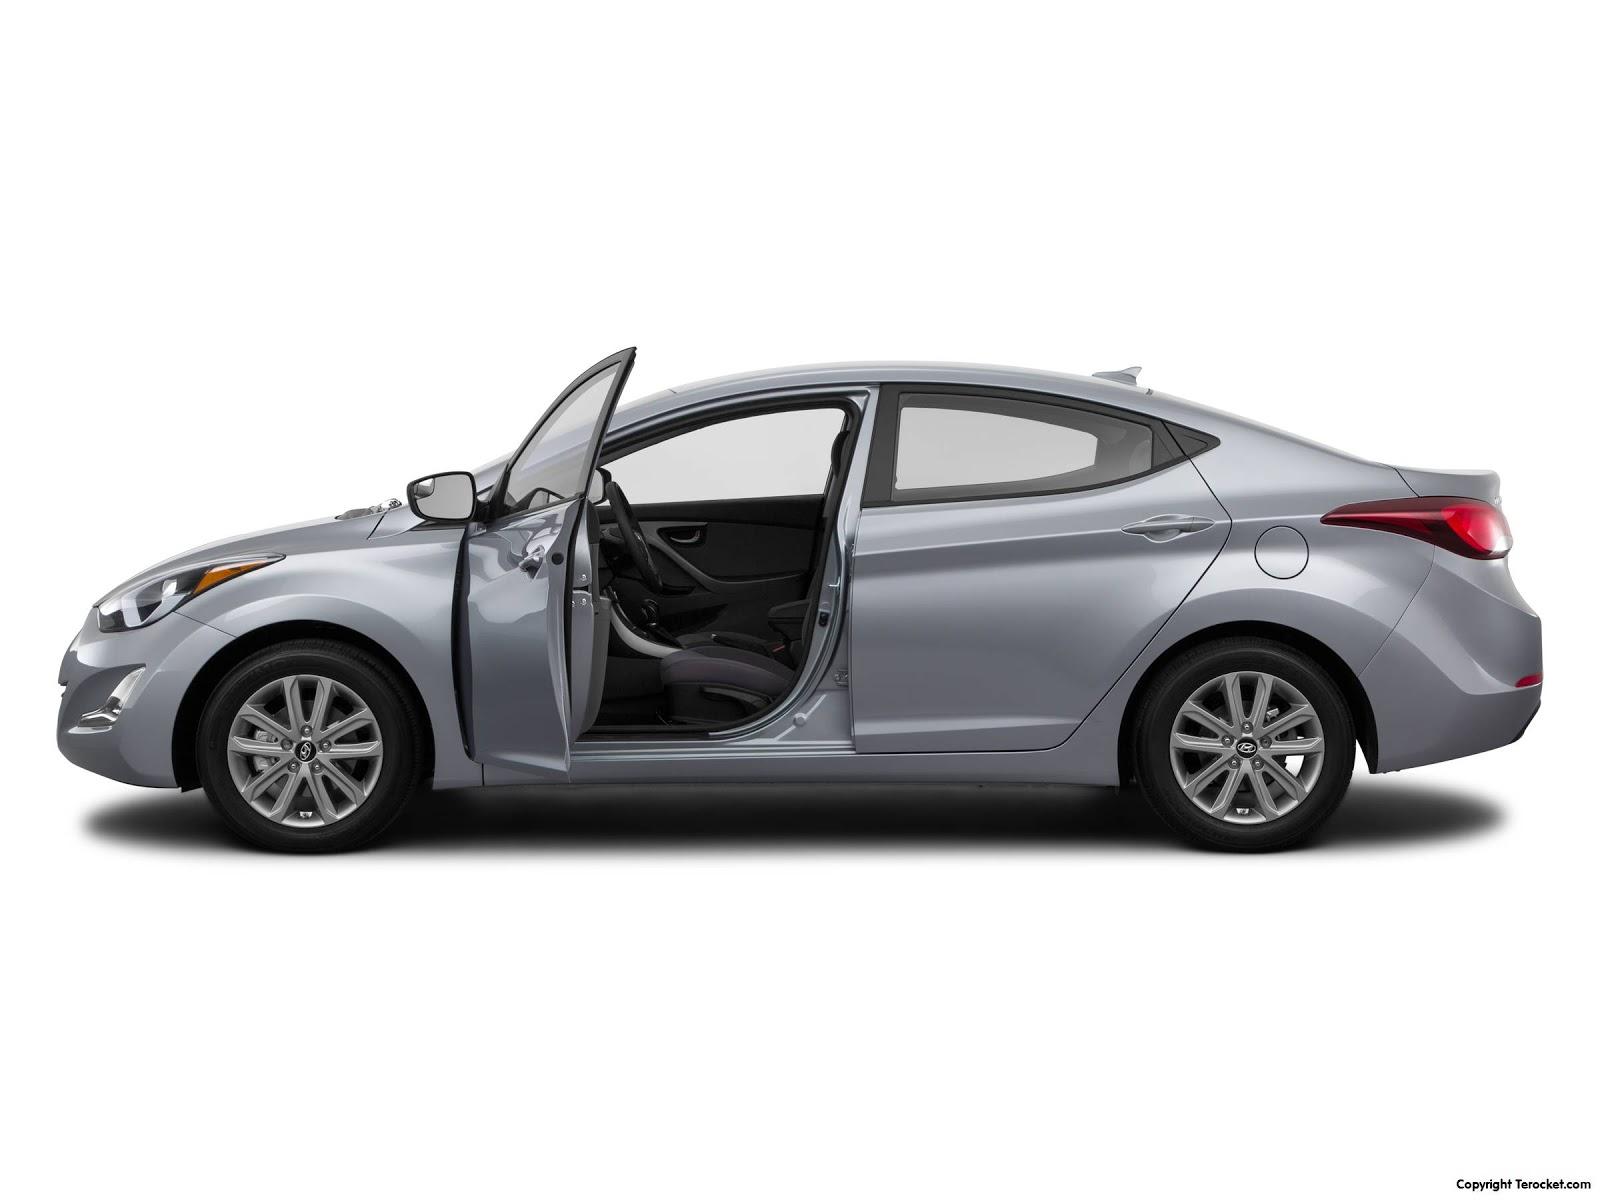 Nội thất của Hyundai Elantra 2016 rộng rãi cho 5 người